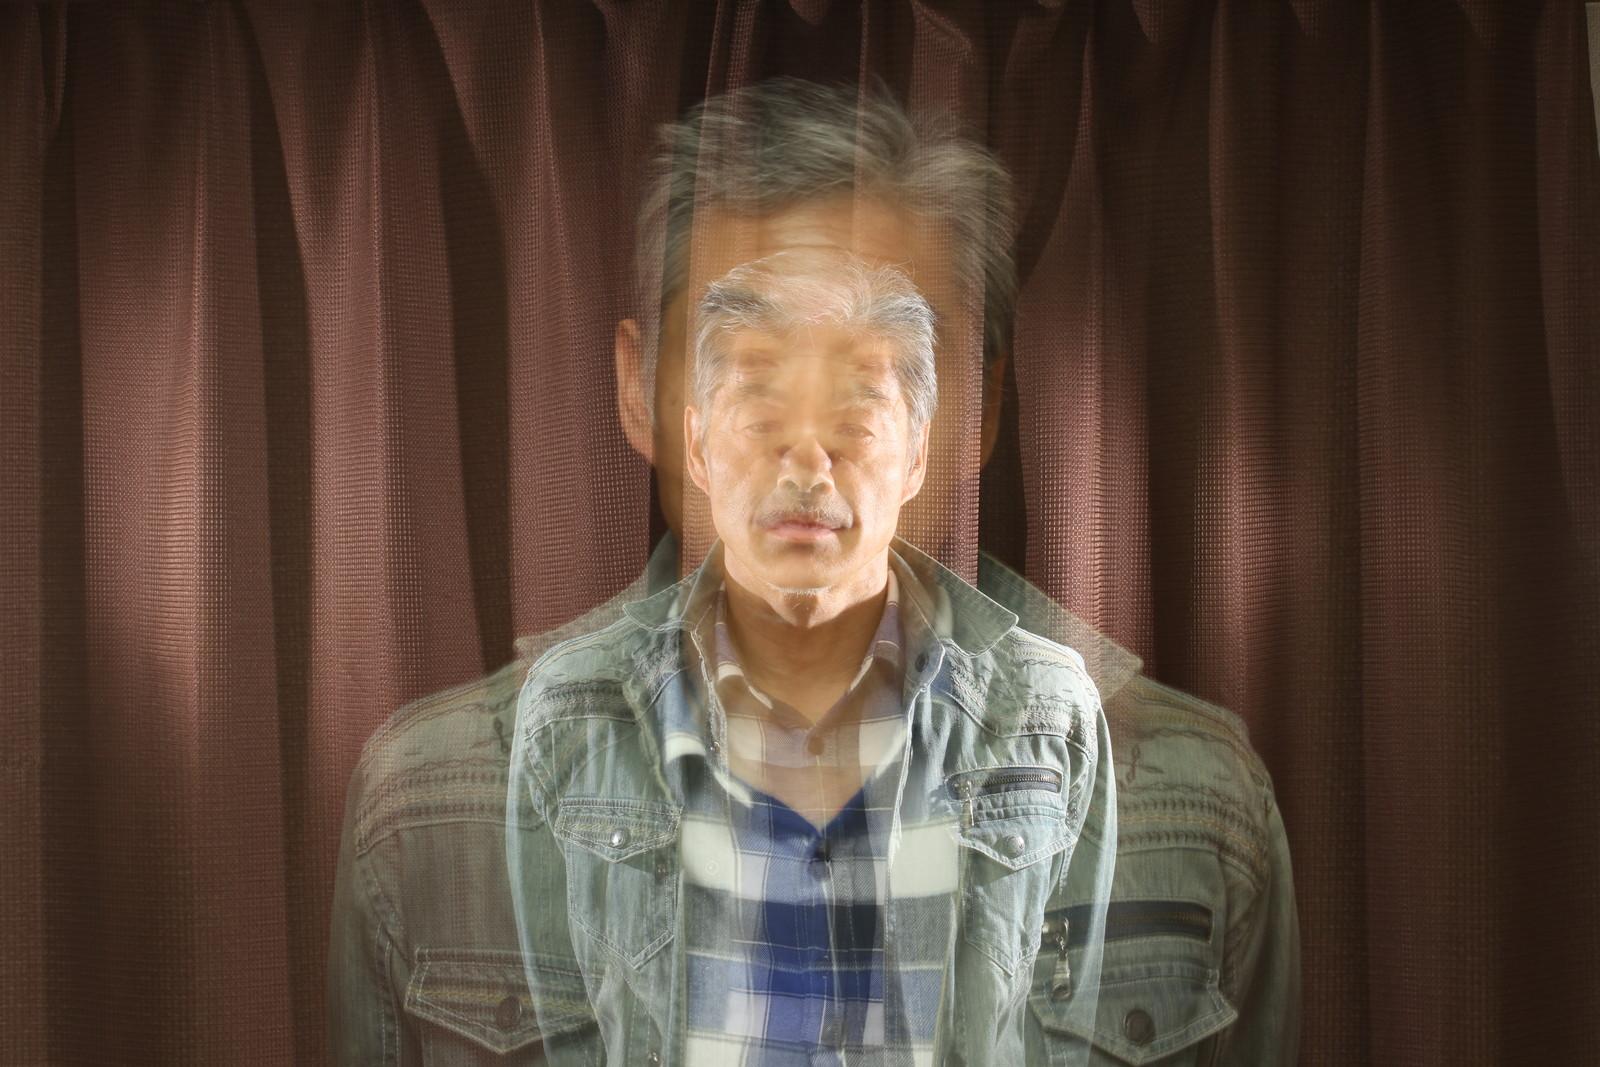 おじいちゃんはスタンド使い,シニア,写真,画像,素材,老人,高齢者,フリー